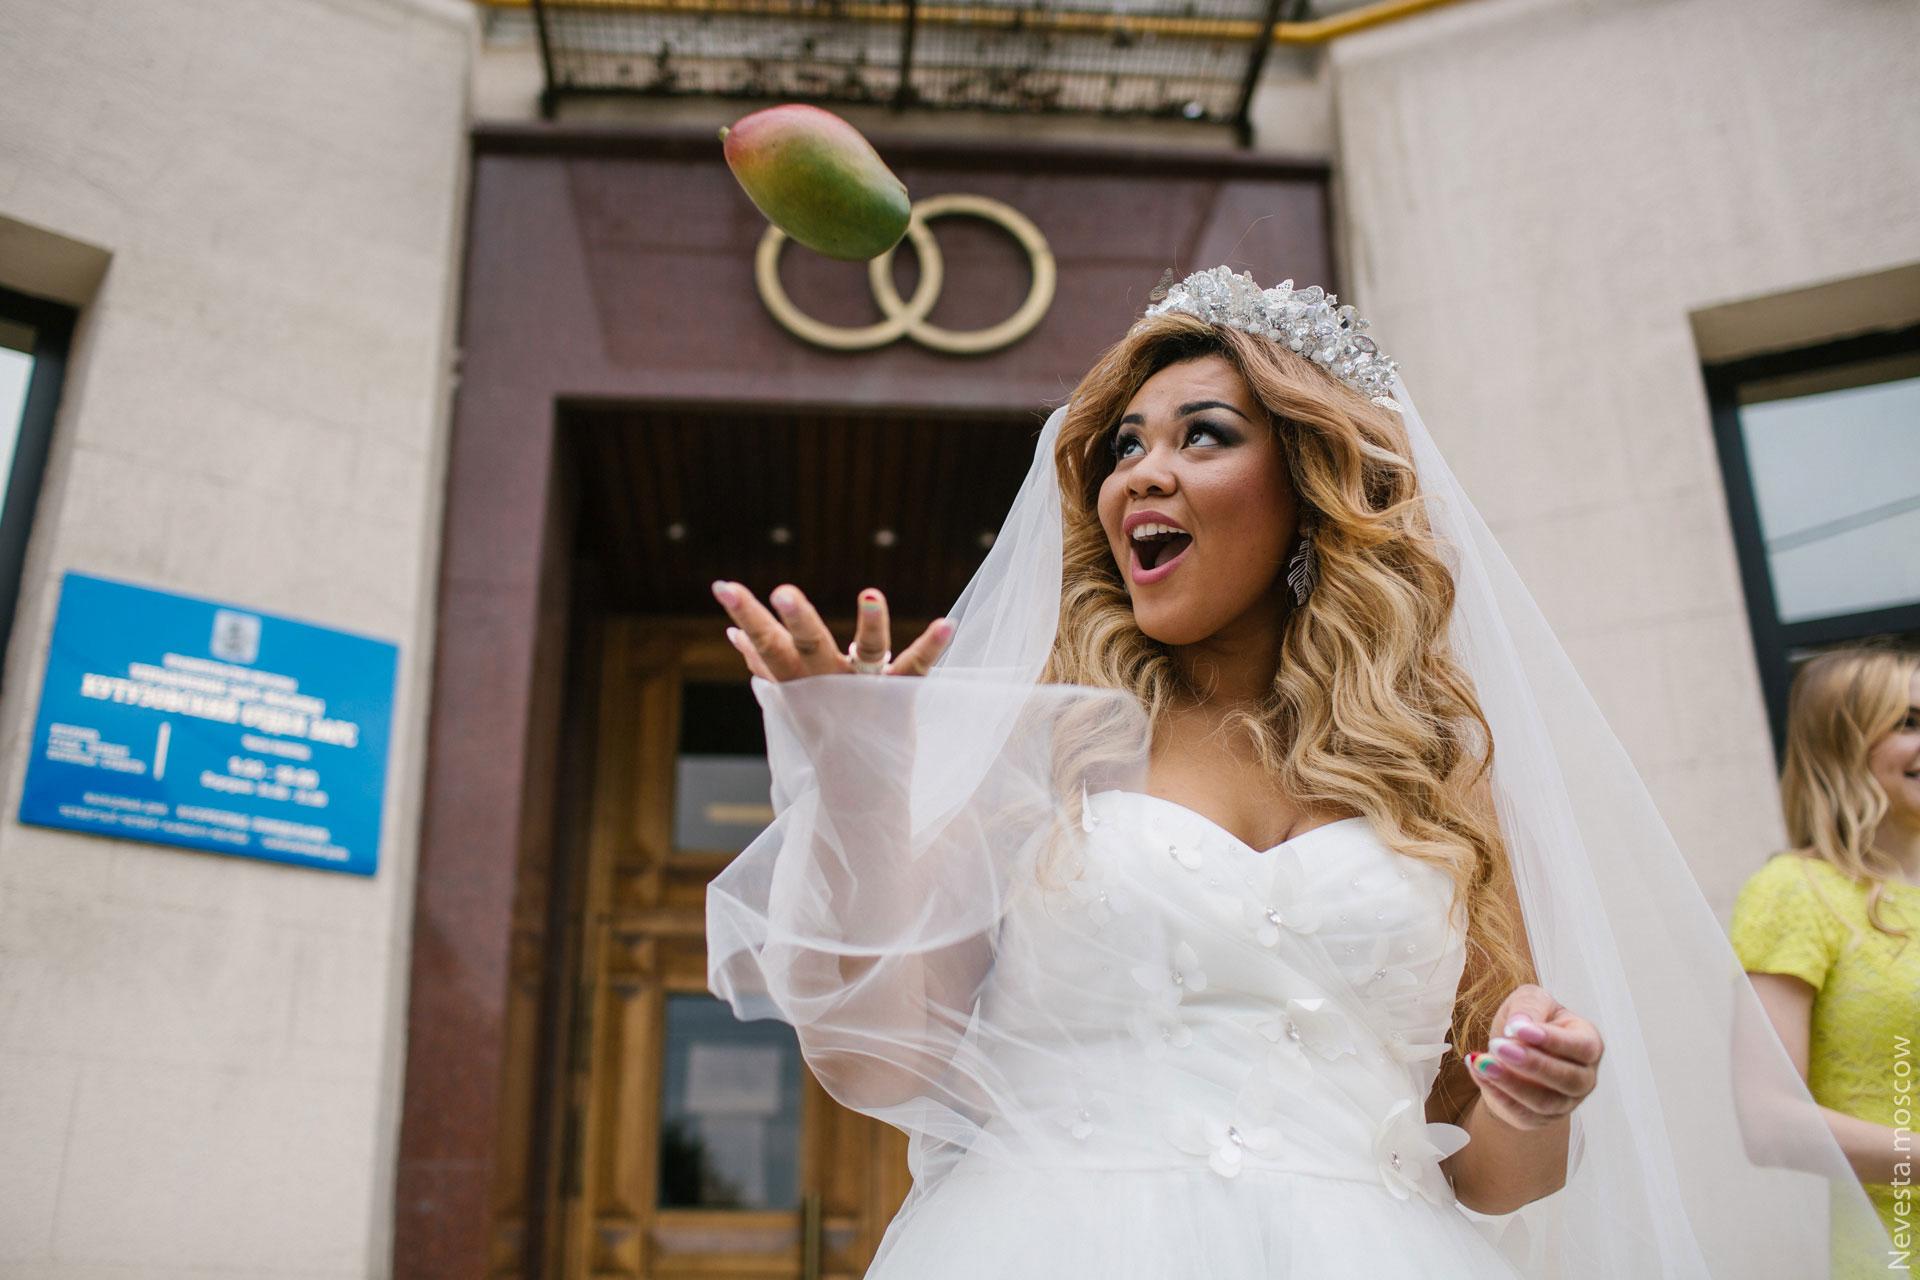 Экзотическая Ямайка. Свадьба Корнелии Манго и Богдана Дюрдя фото 24